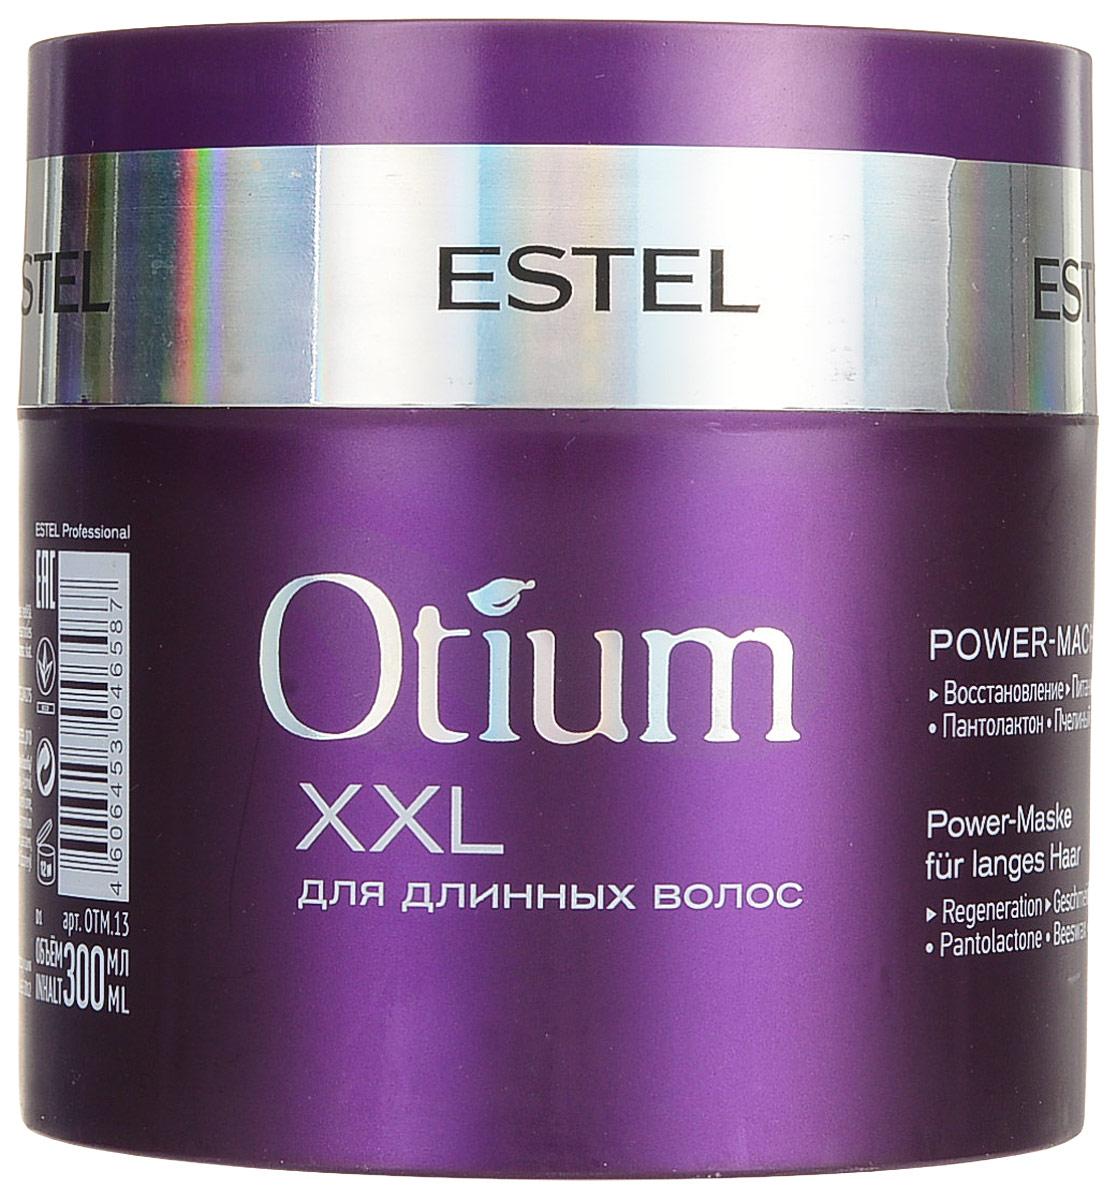 Estel Otium XXL Power-маска для длинных волос 300 мл  недорого